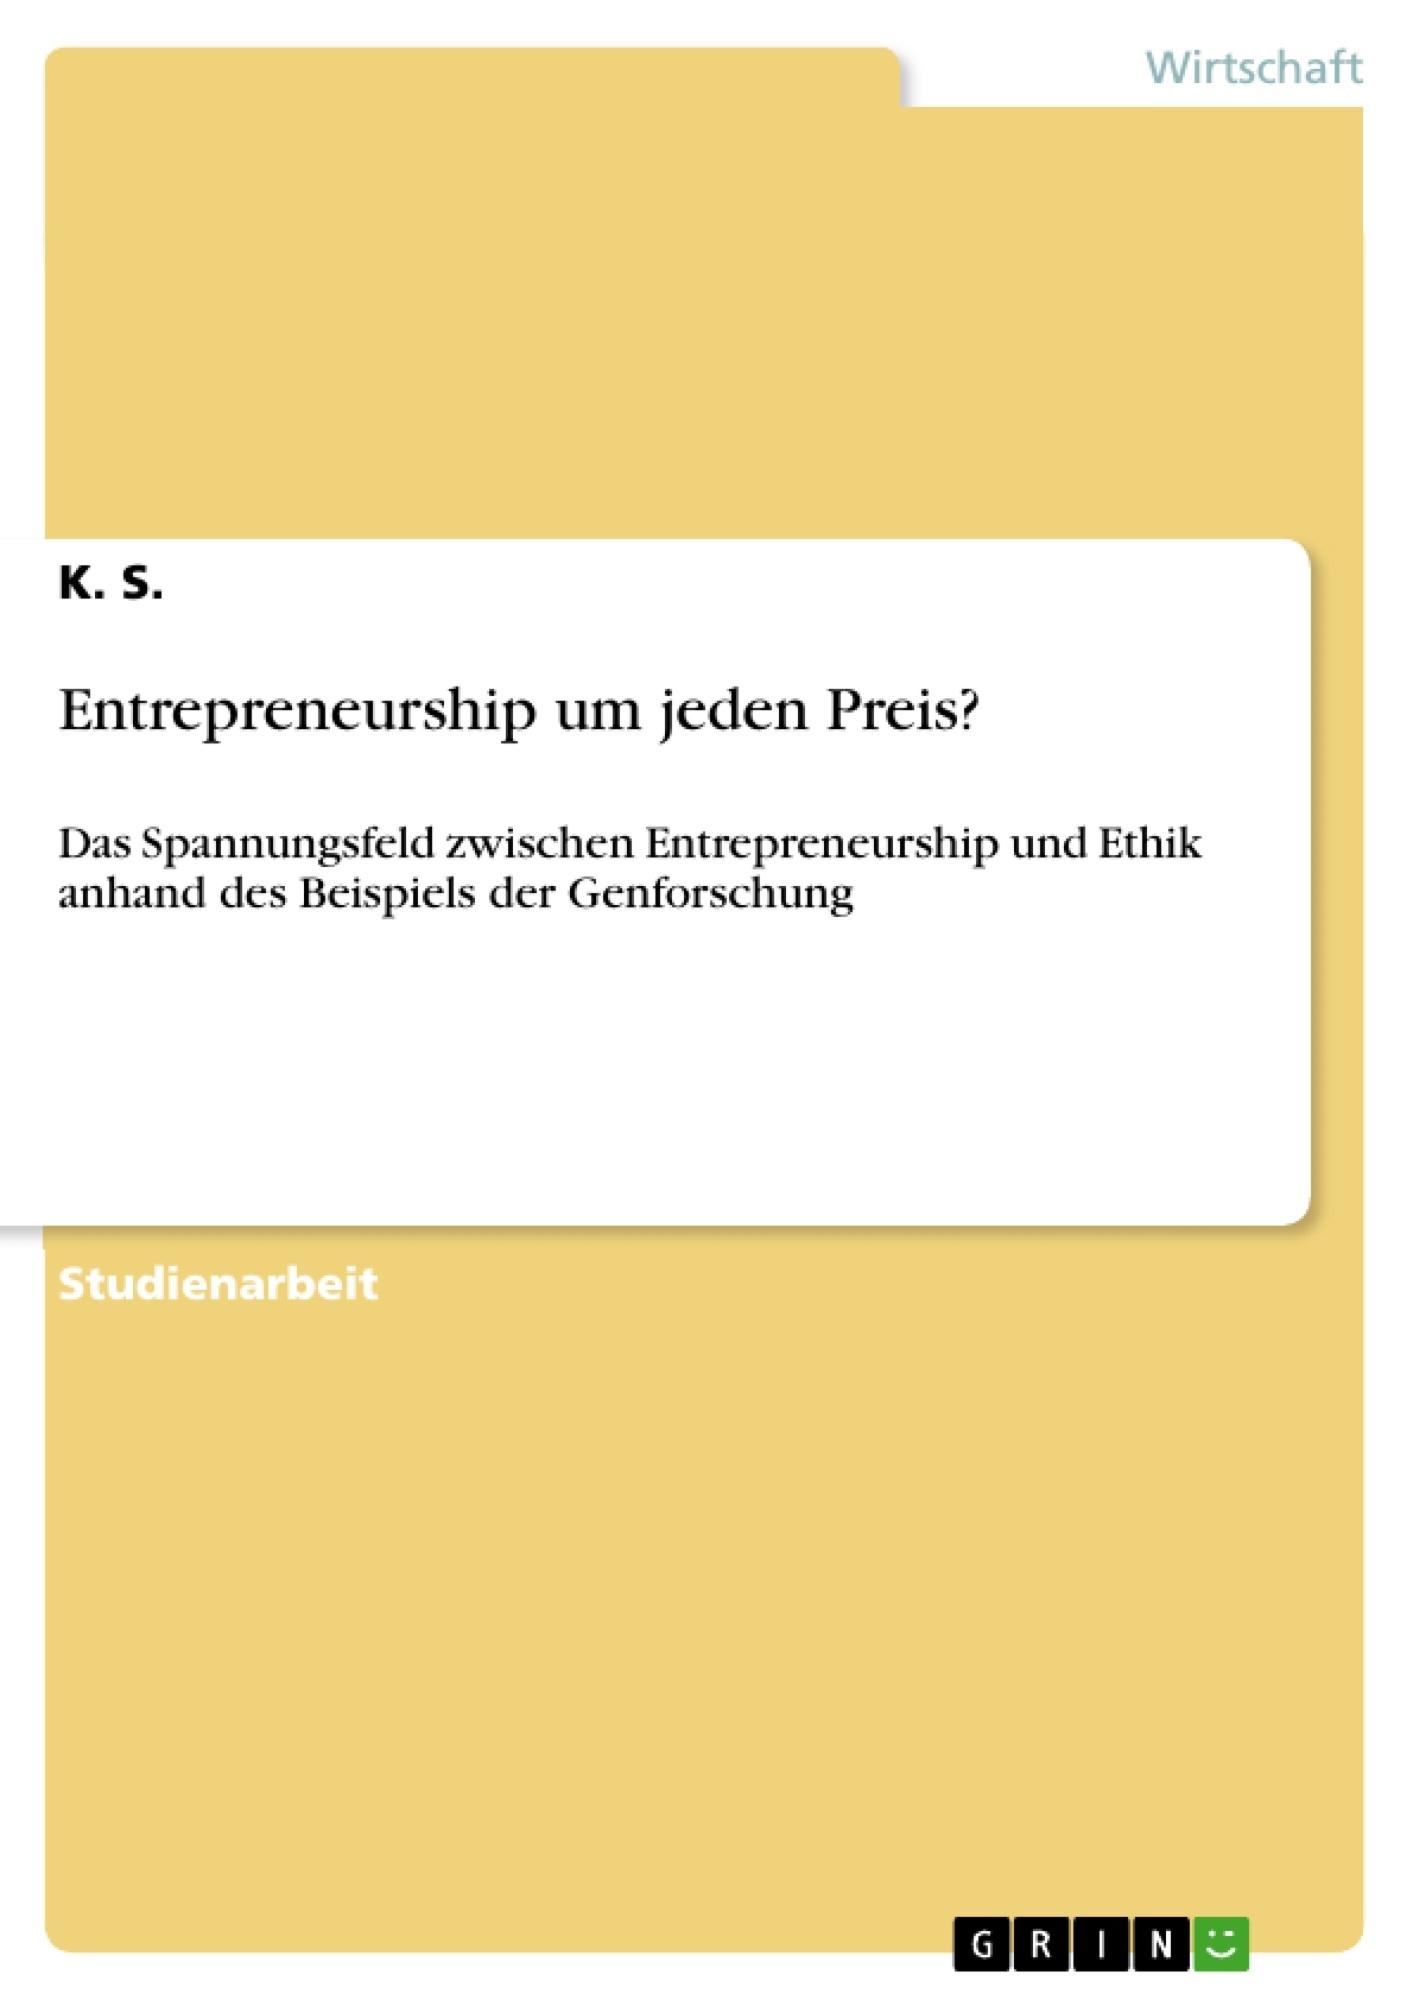 Titel: Entrepreneurship um jeden Preis?